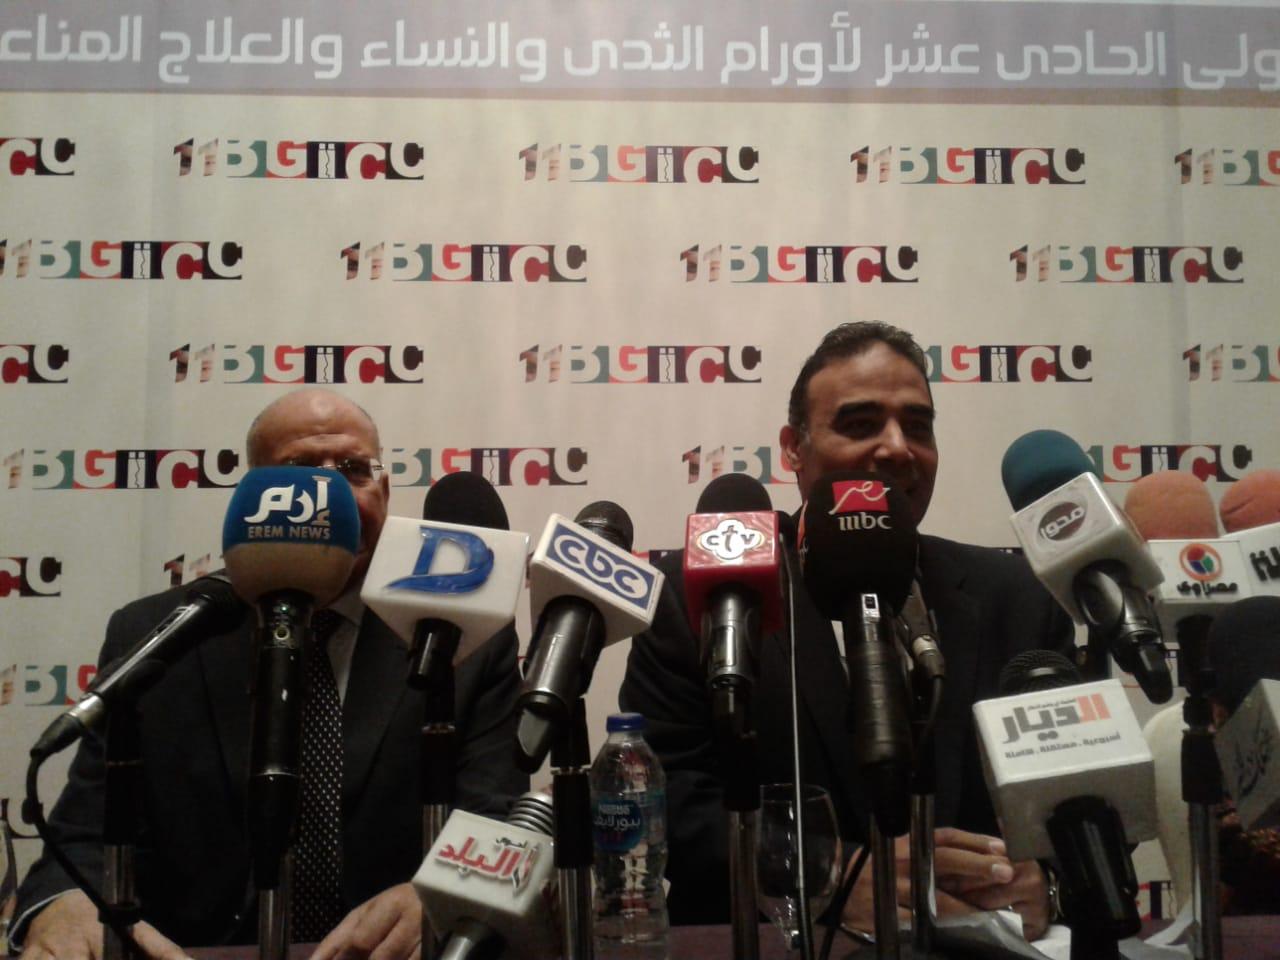 الدكتور هشام الغزالى والدكتور ماجد ابو سعدة خلال المؤتمر الصحفى